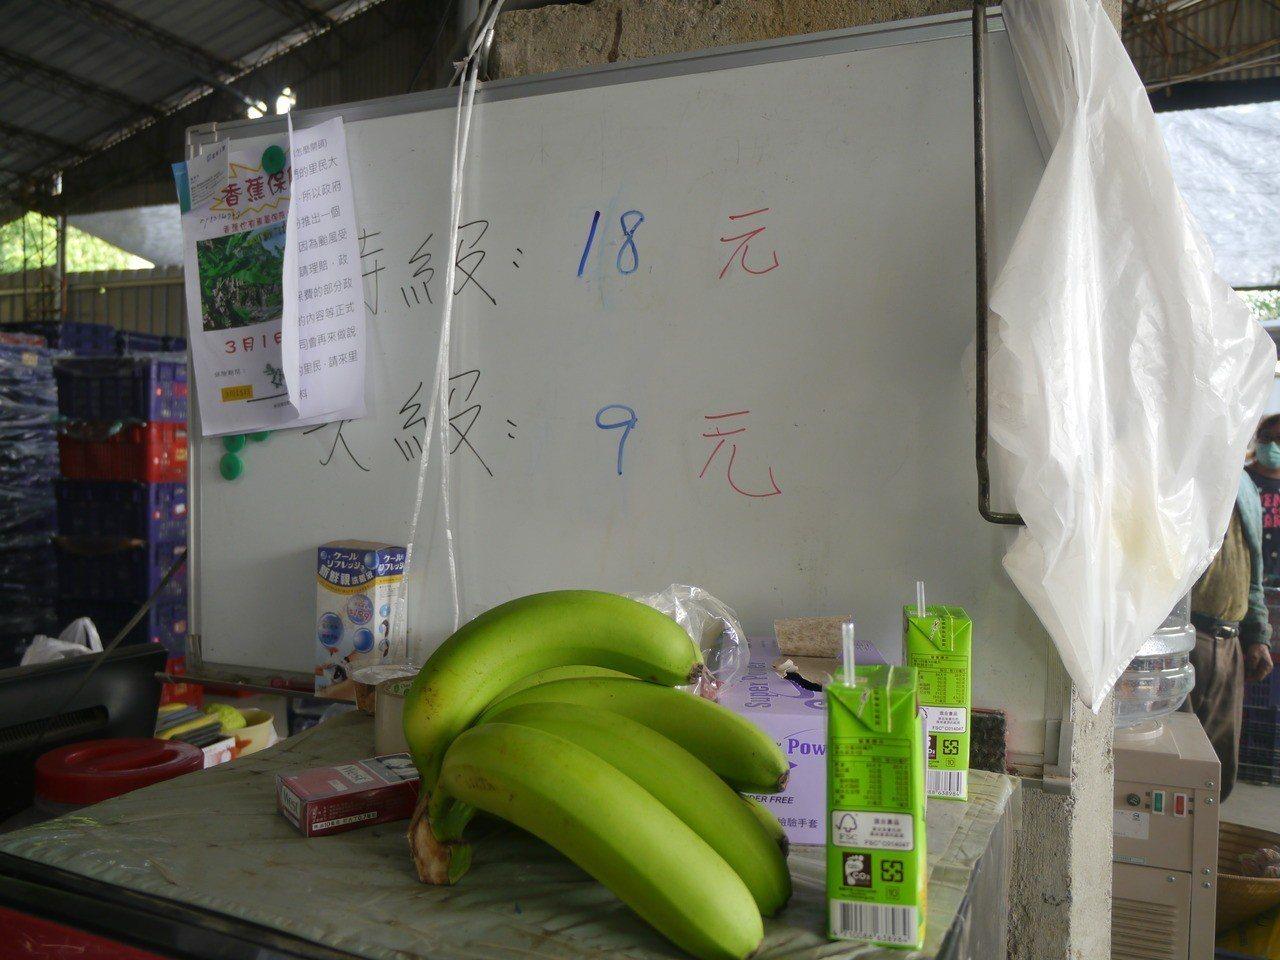 香蕉產地收購價不一,農委會人員今天視察的集貨場收購價是上蕉每公斤18元、次蕉9元...